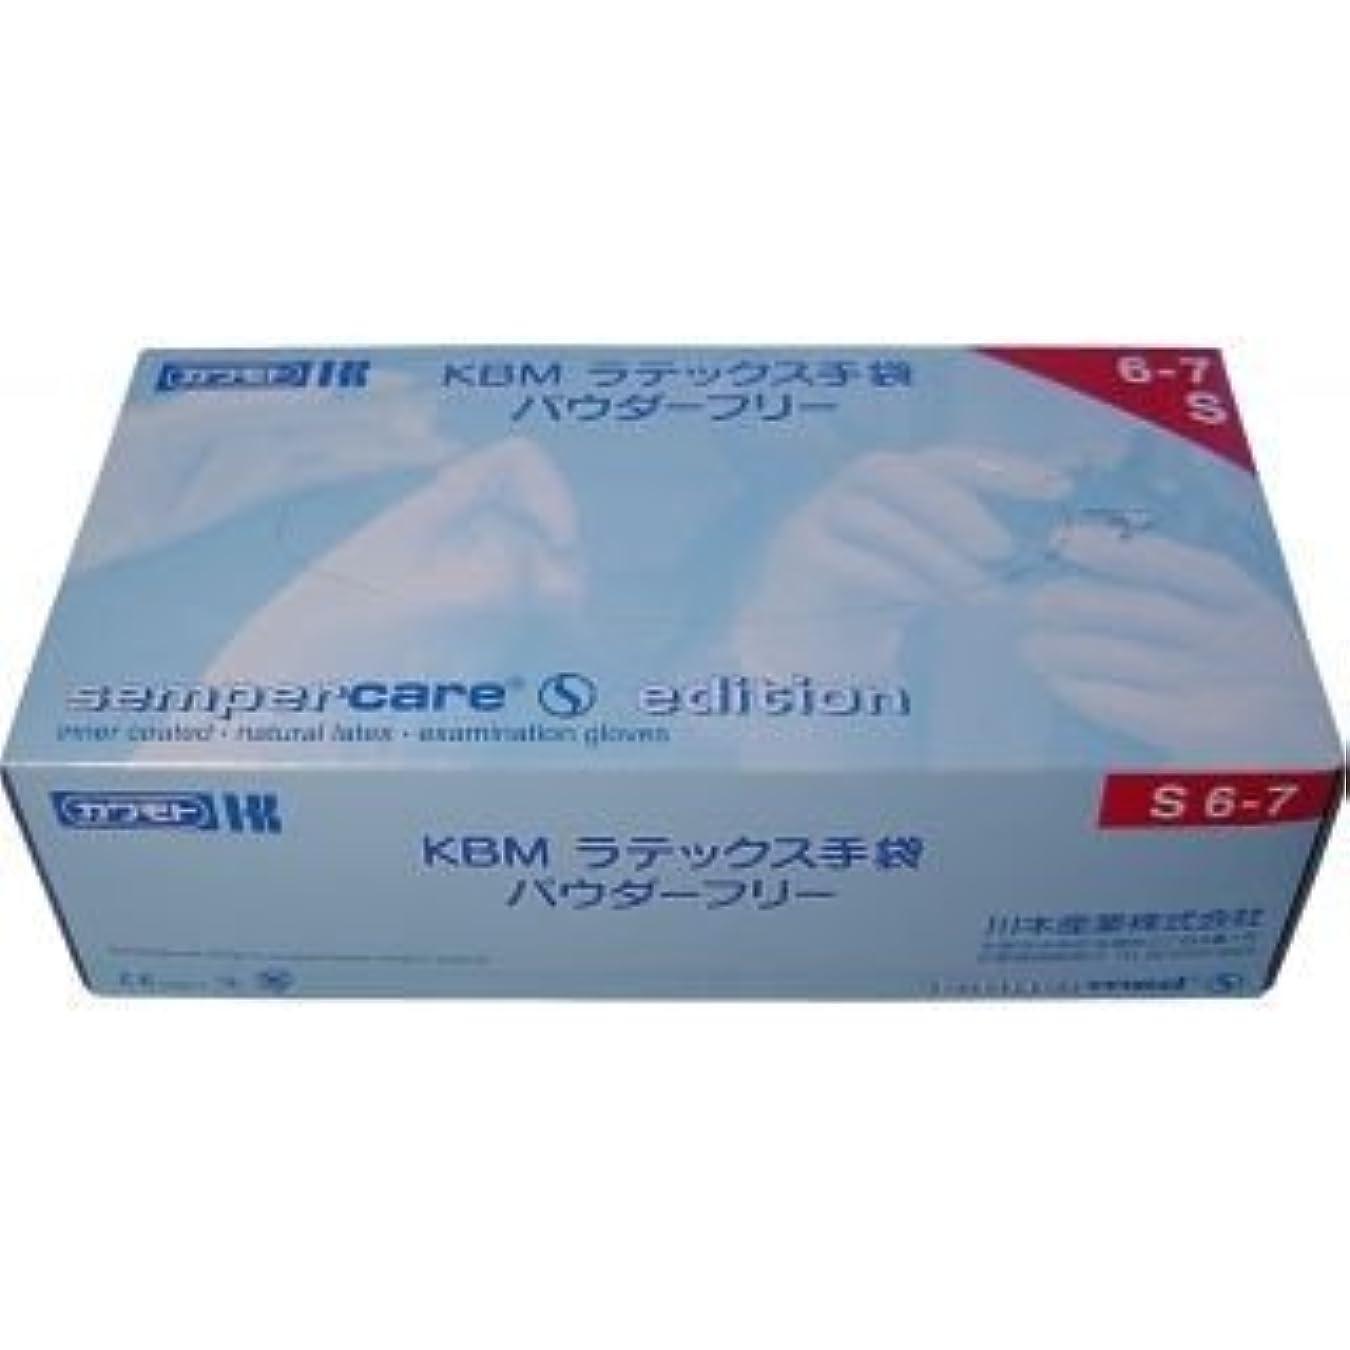 レガシー不快な影響力のあるKBMラテックス手袋 パウダーフリー Sサイズ 100枚入【2個セット】